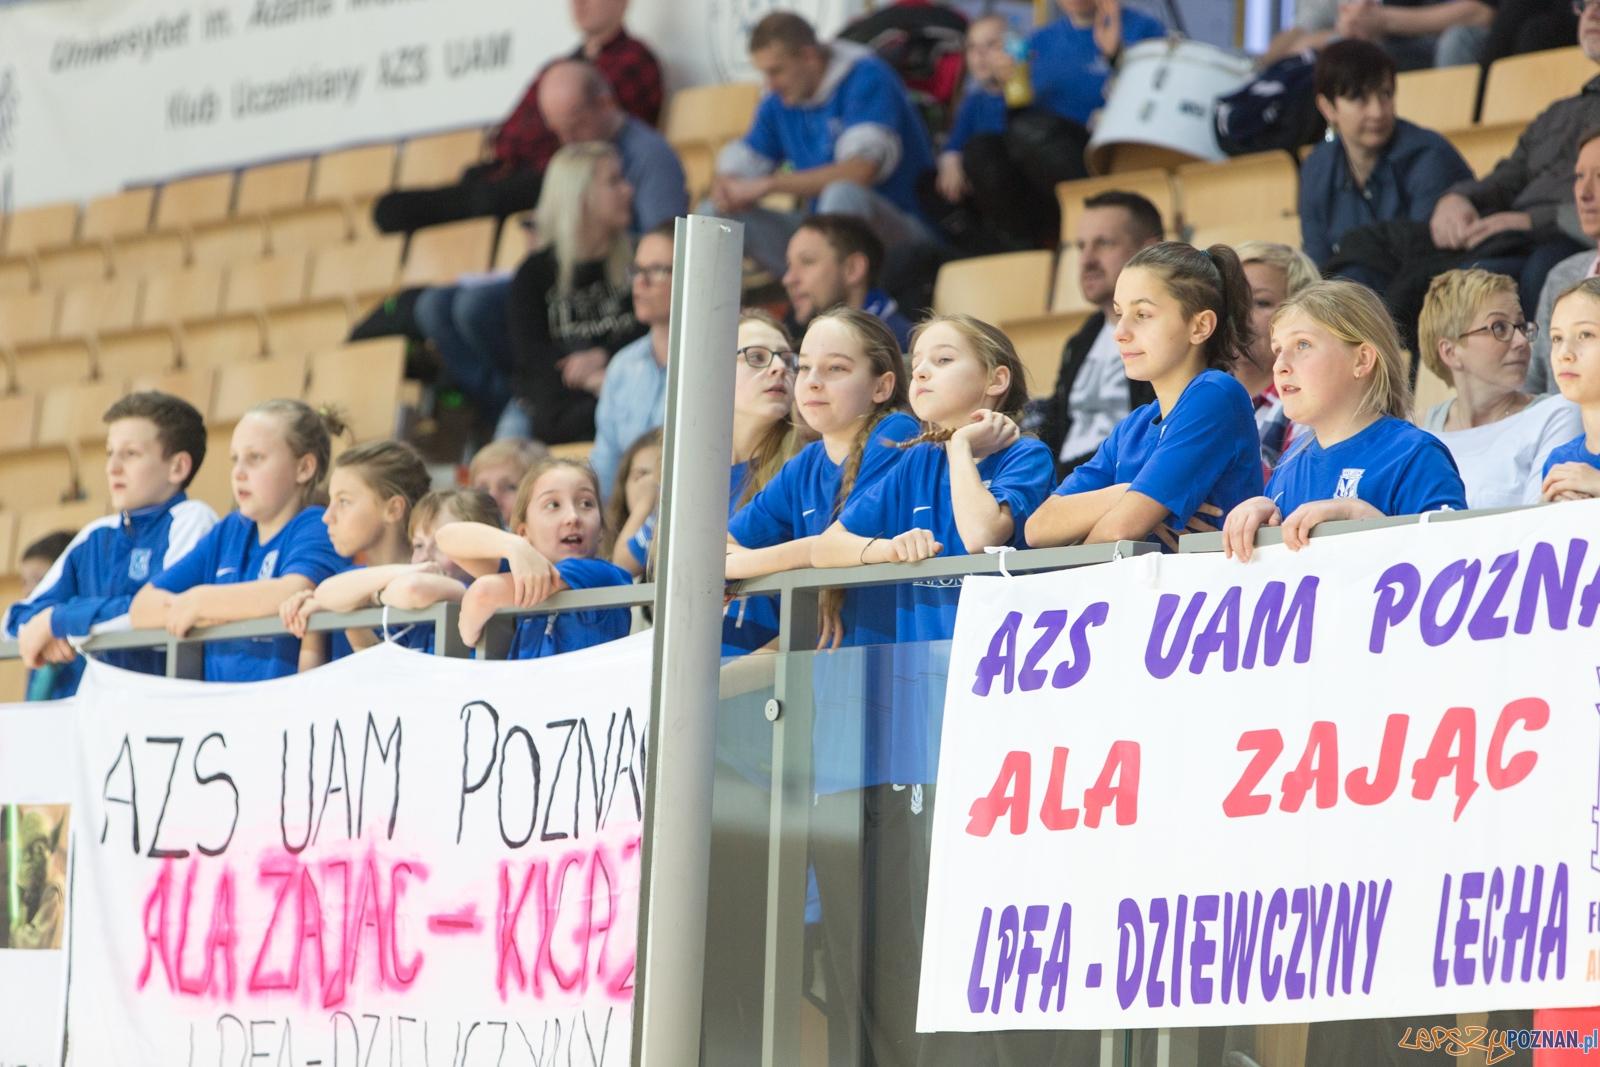 UAM Poznań - LEX Kancelaria Słomniki  Foto: lepszyPOZNAN.pl / Piotr Rychter